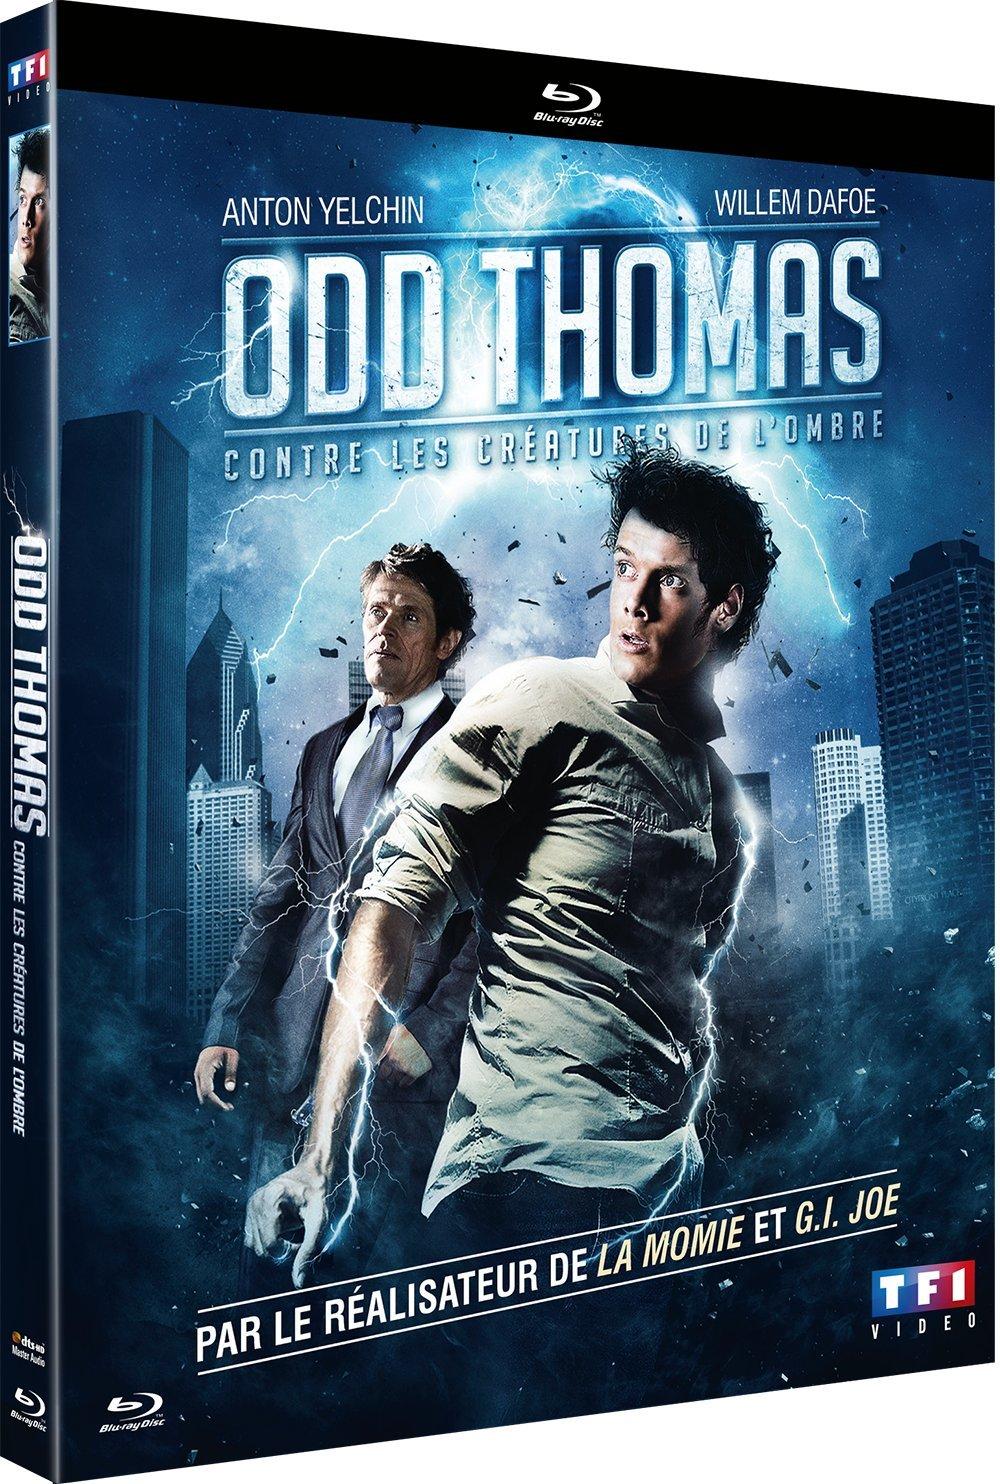 Telecharger Odd Thomas contre les créatures de l'ombre TRUEFRENCH Blu-Ray 720p Gratuitement